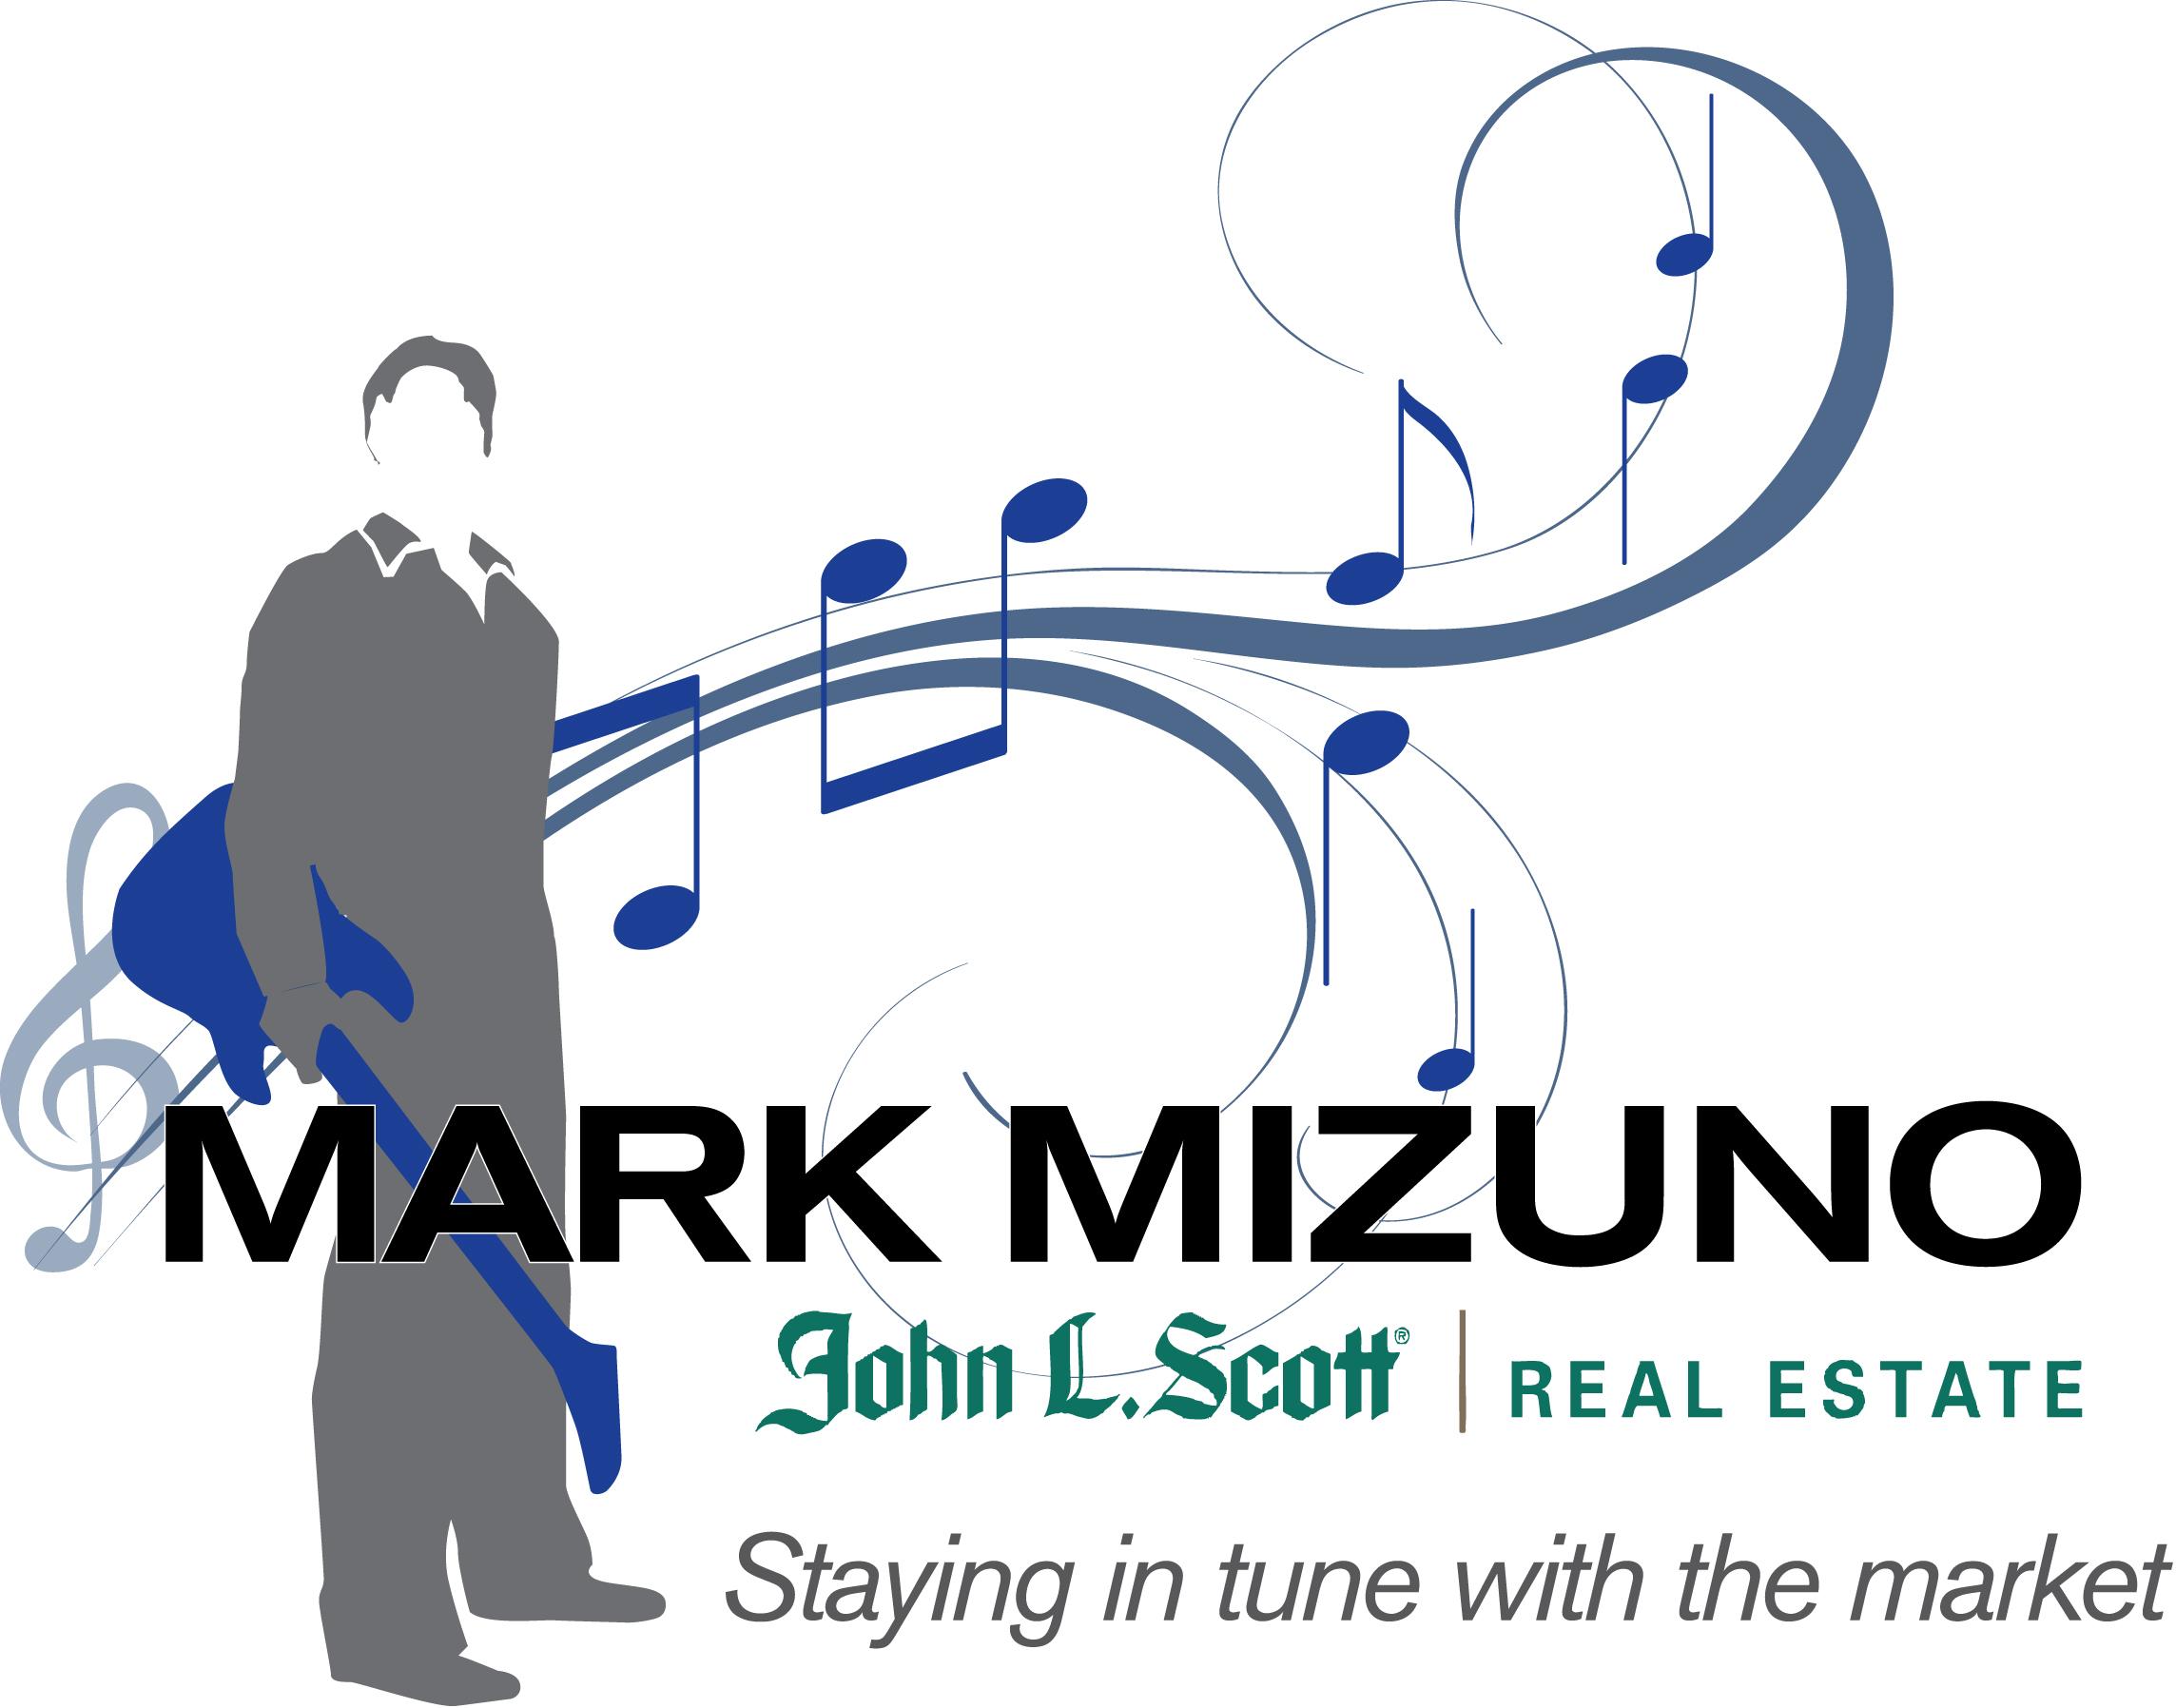 MizunoJLS LogoTag.jpg